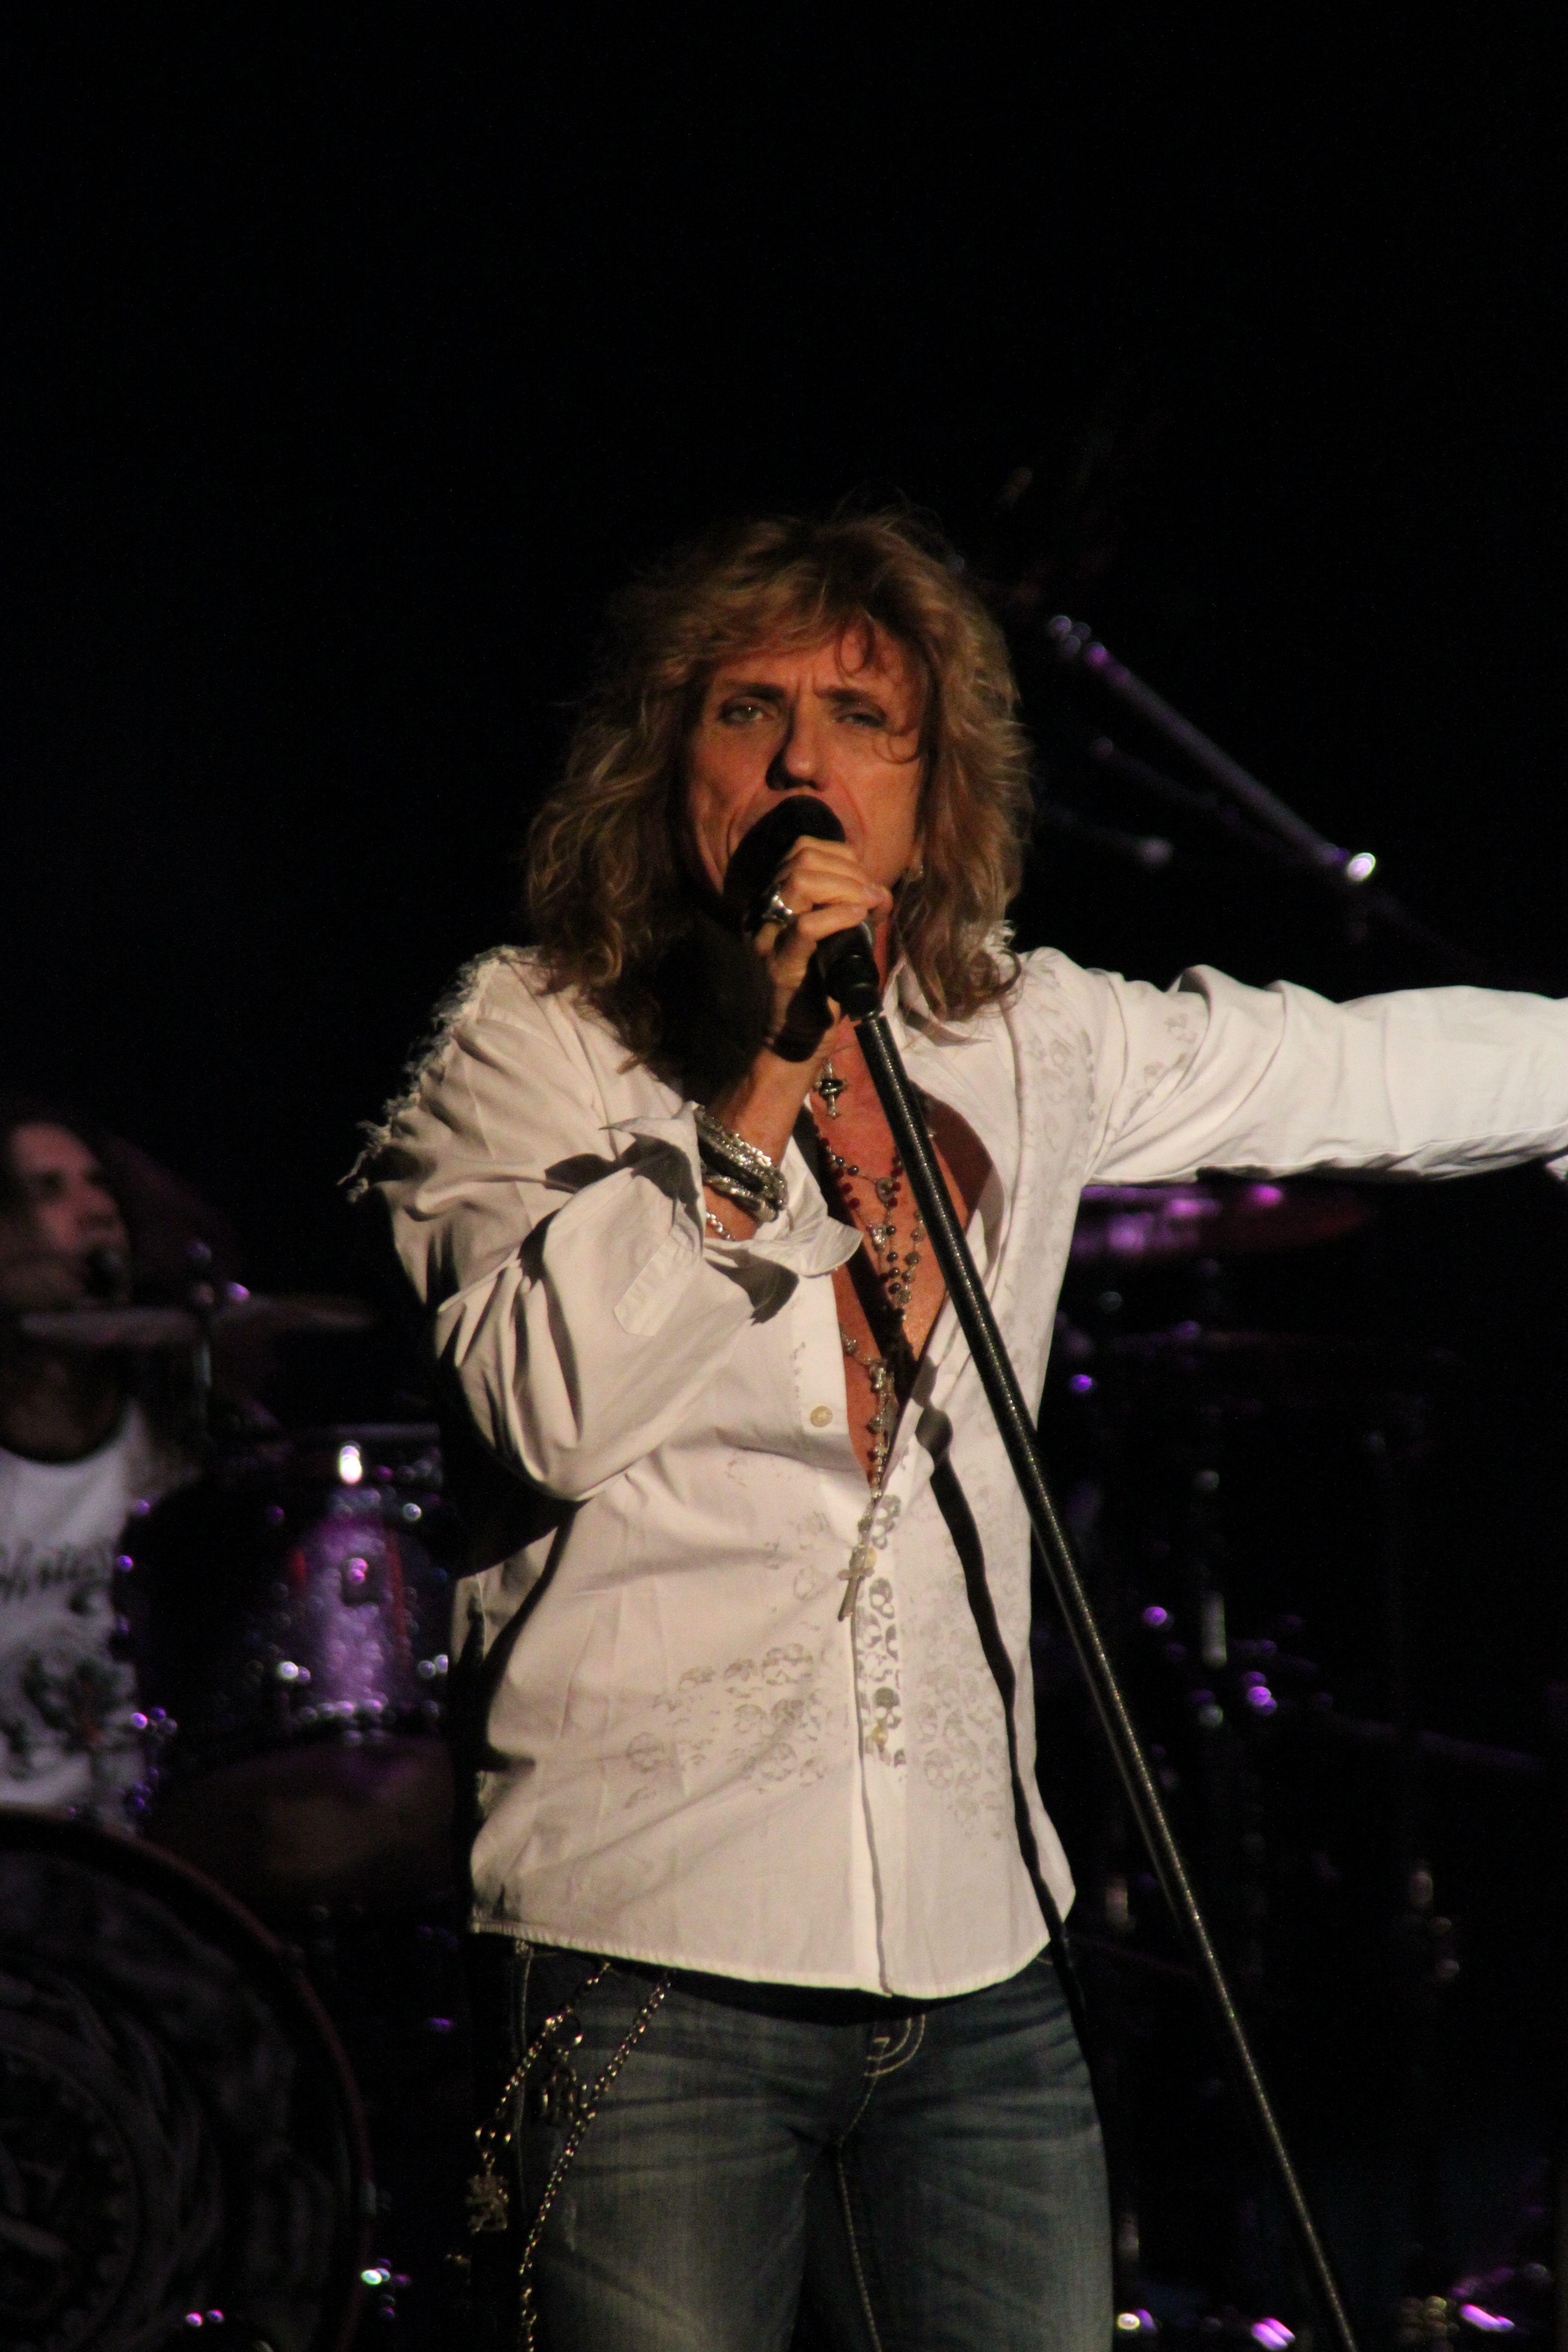 Whitesnake Lead Singer 1000 Images About David Coverdale Whitesnake On Pinterest Deep